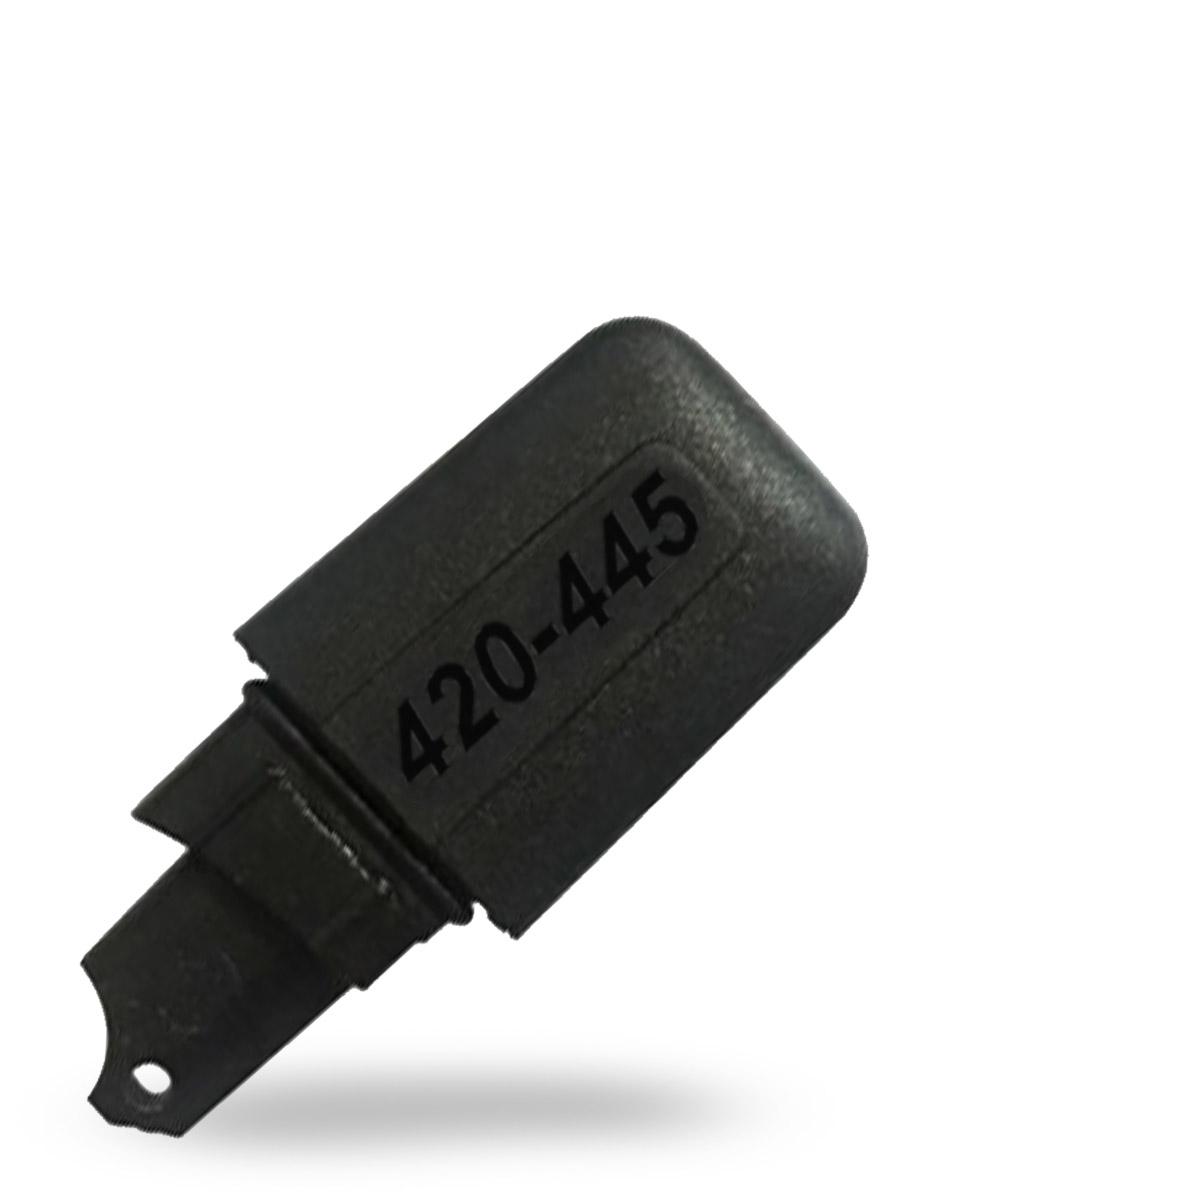 Antena Motorola para radio SL8550e UHF tipo Stubby PMAE4076